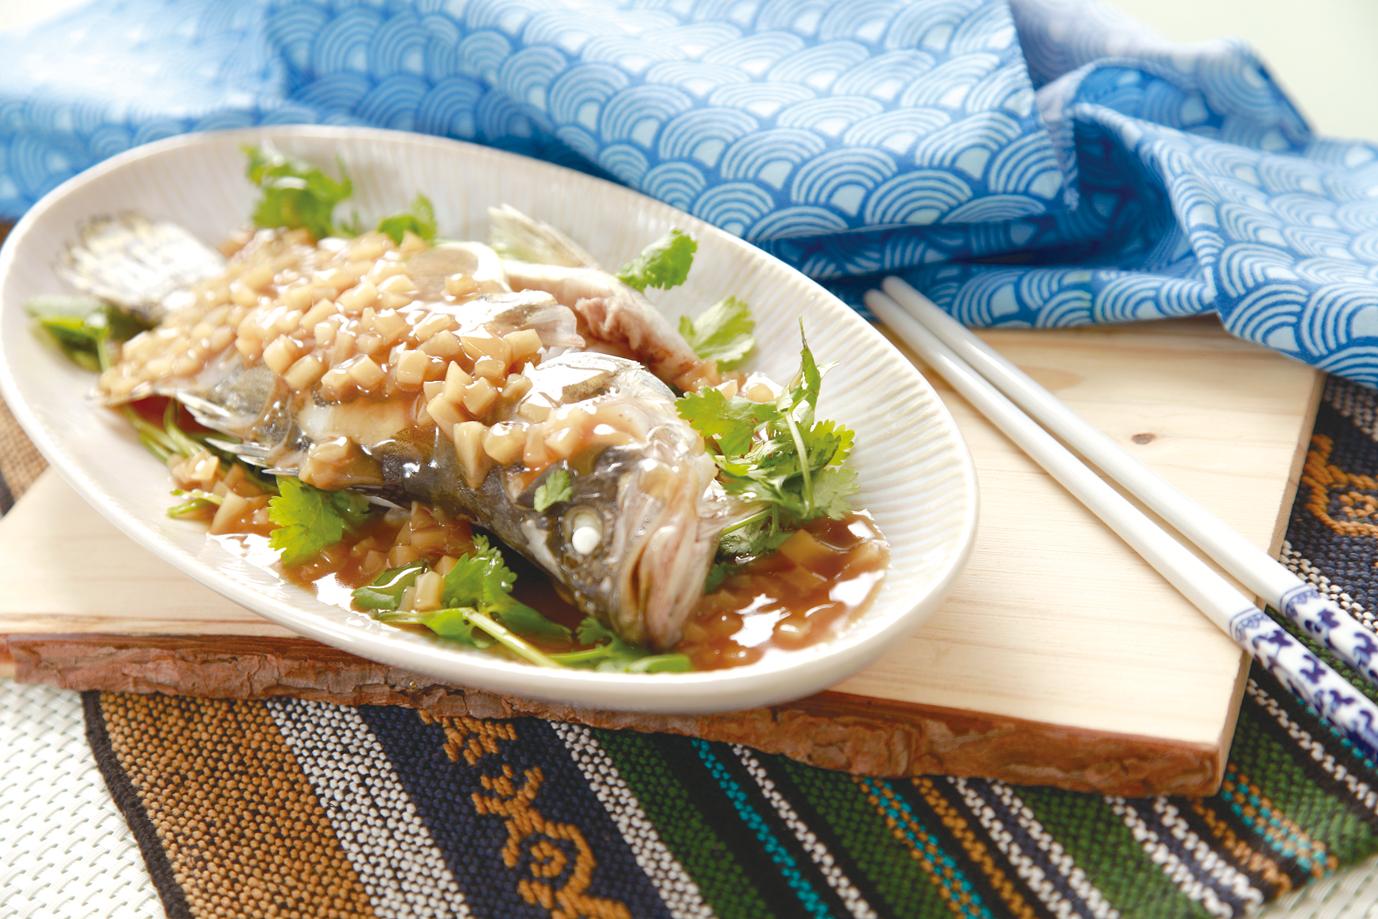 【大頭菜蒸桂花魚】 – meiweixhiyuan 美味之緣